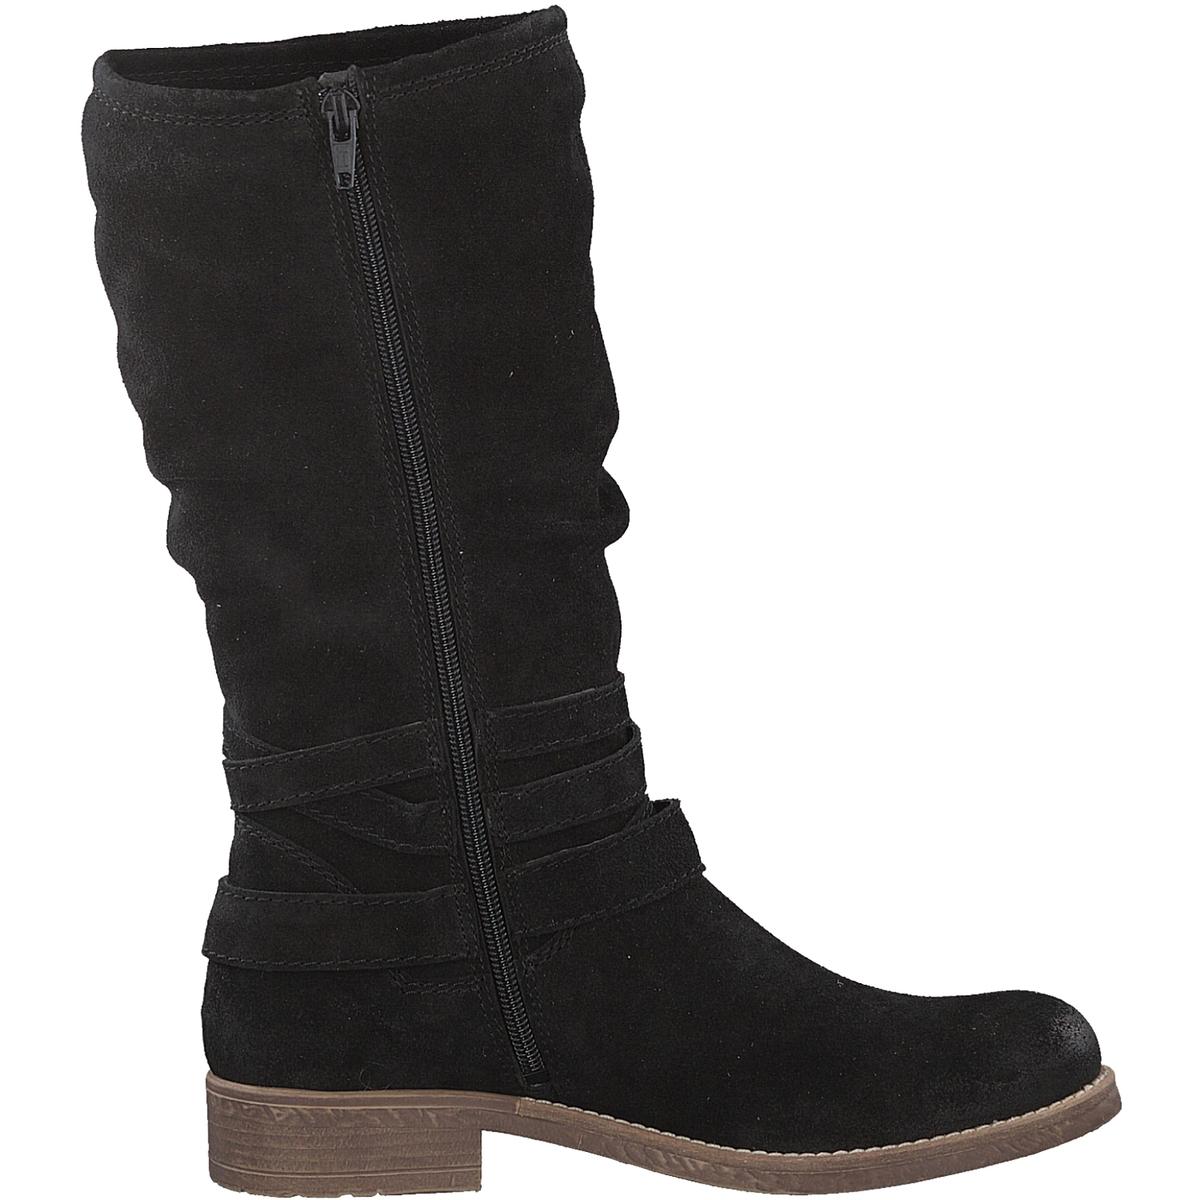 Сапоги кожаные HilaДетали •  Классическая модель •  Широкий каблук •  Круглый мысок •  Застежка : на молнию •  Высота голенища : 28 см для размера 37 •  Высота каблука : 3 смСостав и уход • Верх 100% овечья кожа •  Подкладка 100% текстиль •  Стелька 100% текстиль •  Подошва 100% синтетический материал<br><br>Цвет: черный<br>Размер: 36.38